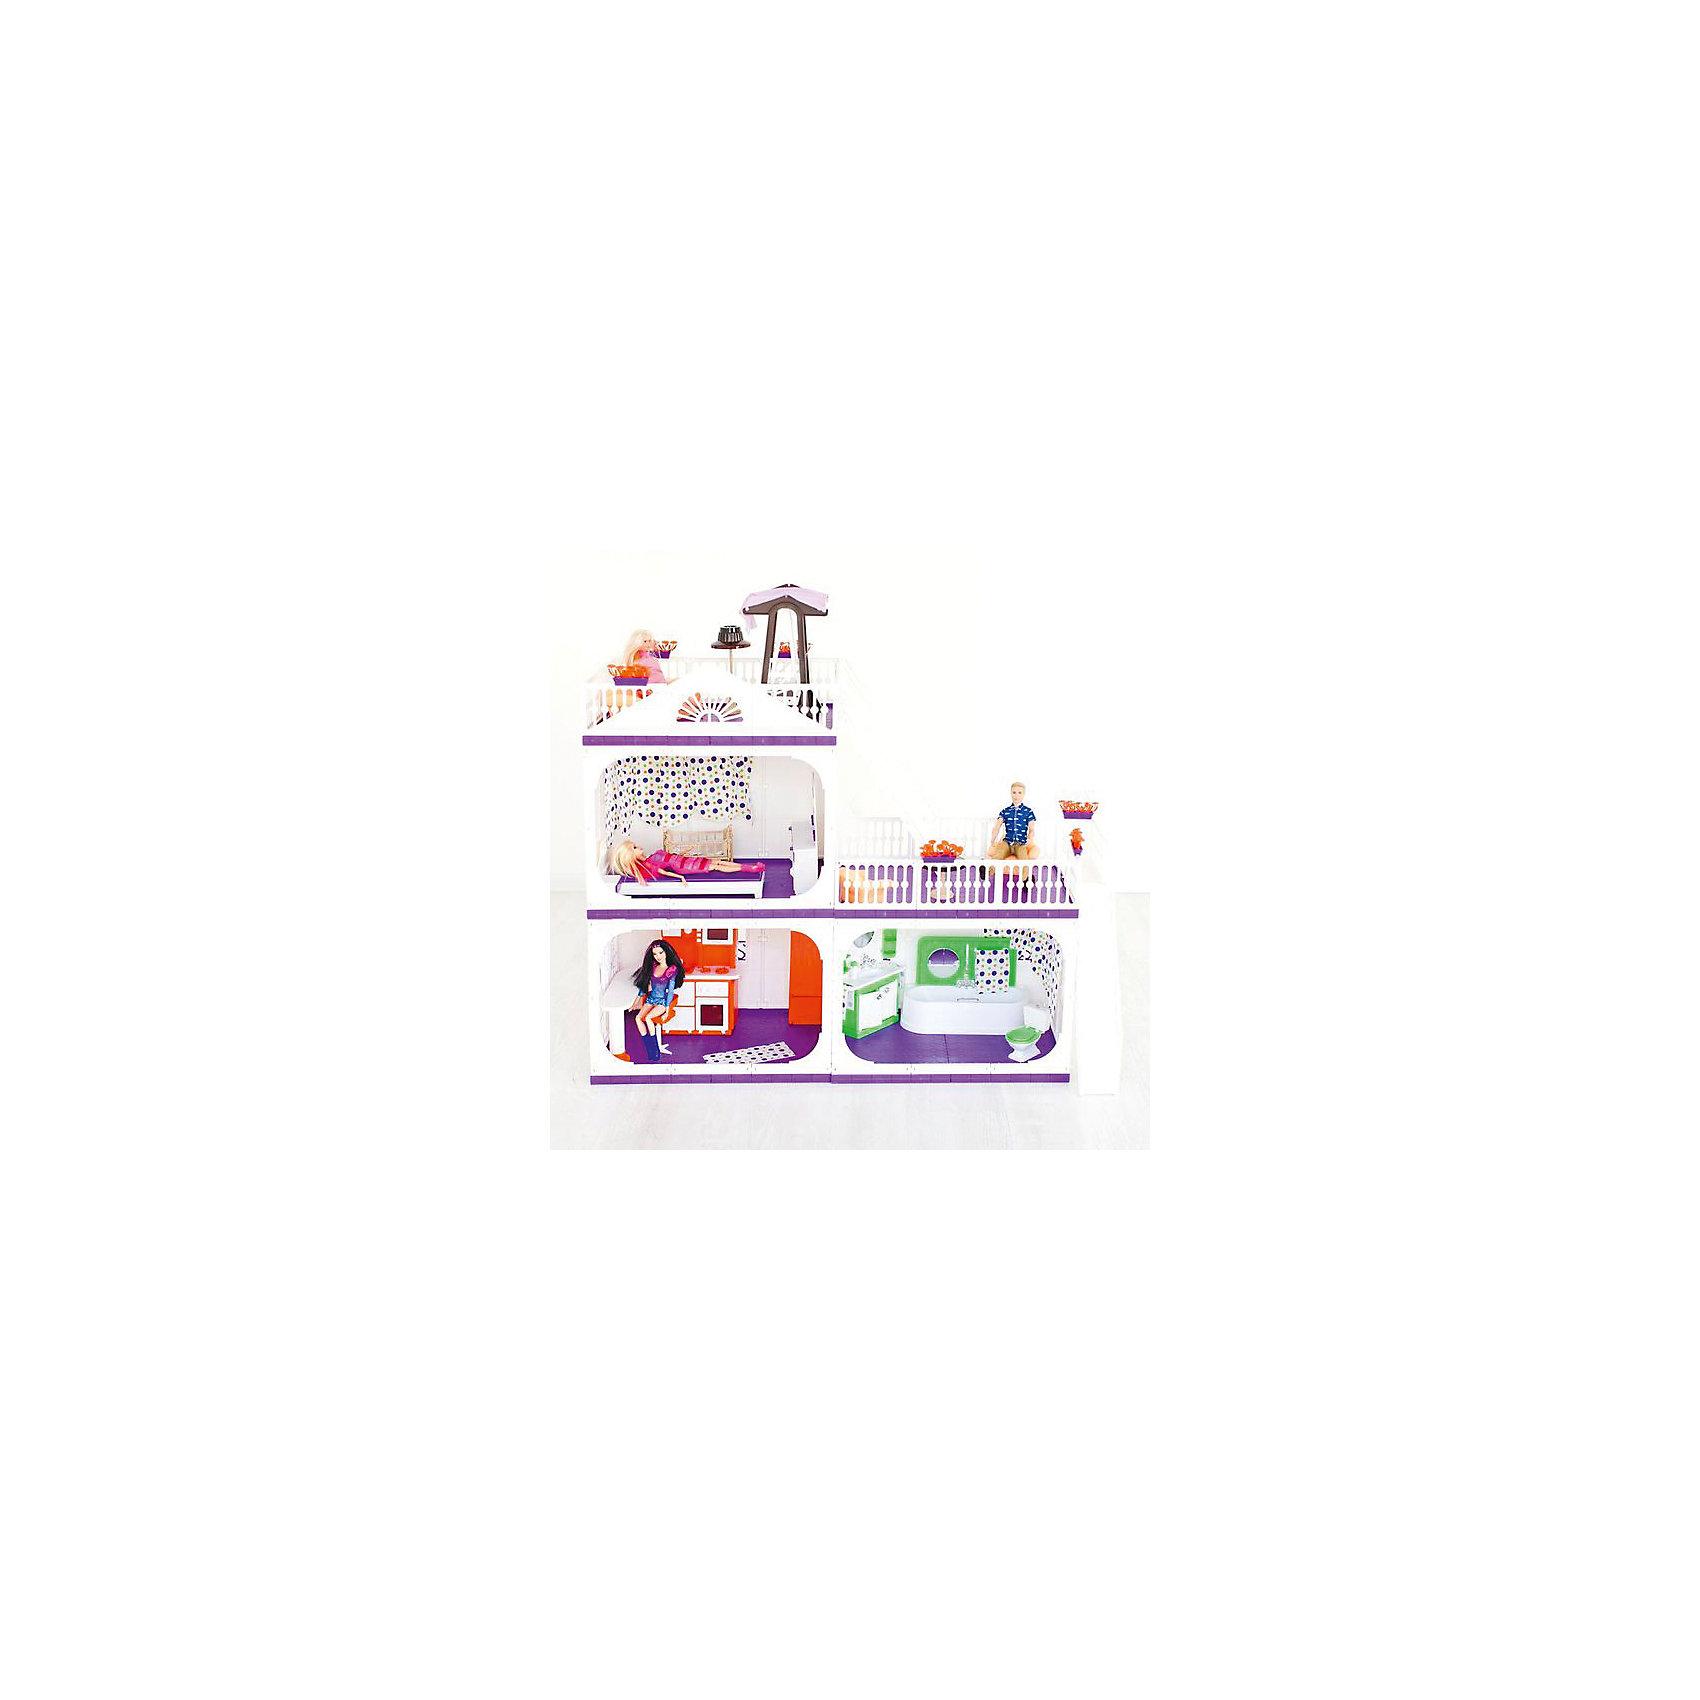 Коттедж для кукол Конфетти, без мебели, ОгонекИгрушечные домики и замки<br>Характеристики товара:<br><br>• возраст: от 3 лет;<br>• материал: пластик;<br>• в комплекте: дом, горшки с цветами, шторы;<br>• подходит для кукол высотой до 30 см;<br>• размер домика: 105х33х90 см;<br>• вес домика: 7 кг;<br>• размер упаковки: 43х23х38 см;<br>• вес упаковки: 8 кг;<br>• страна производитель: Россия.<br><br>Коттедж для кукол «Конфетти» Огонек без мебели — настоящий домик для любимой куколки девочки. Дом подойдет для кукол до 30 см. Коттедж состоит из 3 комнат и 2 террас для летнего отдыха. Двери в комнатах открываются. На окнах висят шторы. На верхние этажи ведут 2 лестницы. Дом изготовлен из качественного прочного пластика.<br><br>Коттедж для кукол «Конфетти» Огонек без мебели можно приобрести в нашем интернет-магазине.<br><br>Ширина мм: 430<br>Глубина мм: 230<br>Высота мм: 380<br>Вес г: 8000<br>Возраст от месяцев: 36<br>Возраст до месяцев: 2147483647<br>Пол: Женский<br>Возраст: Детский<br>SKU: 6725411